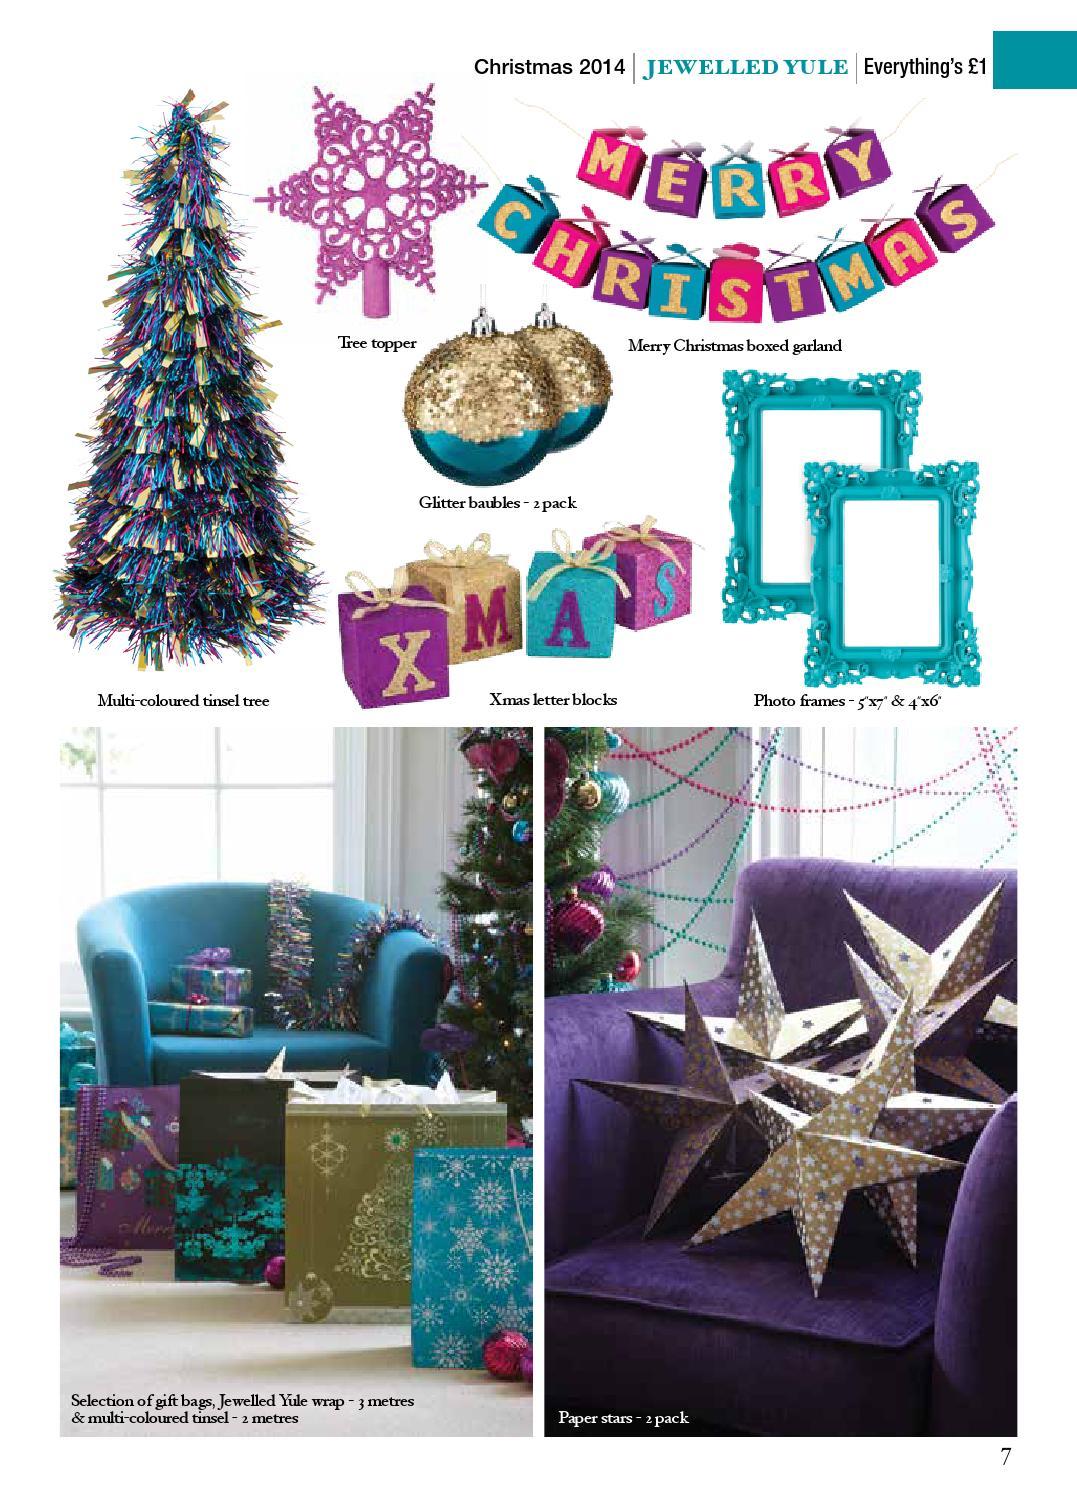 Poundland Christmas Lookbook 2014 by Poundland - issuu